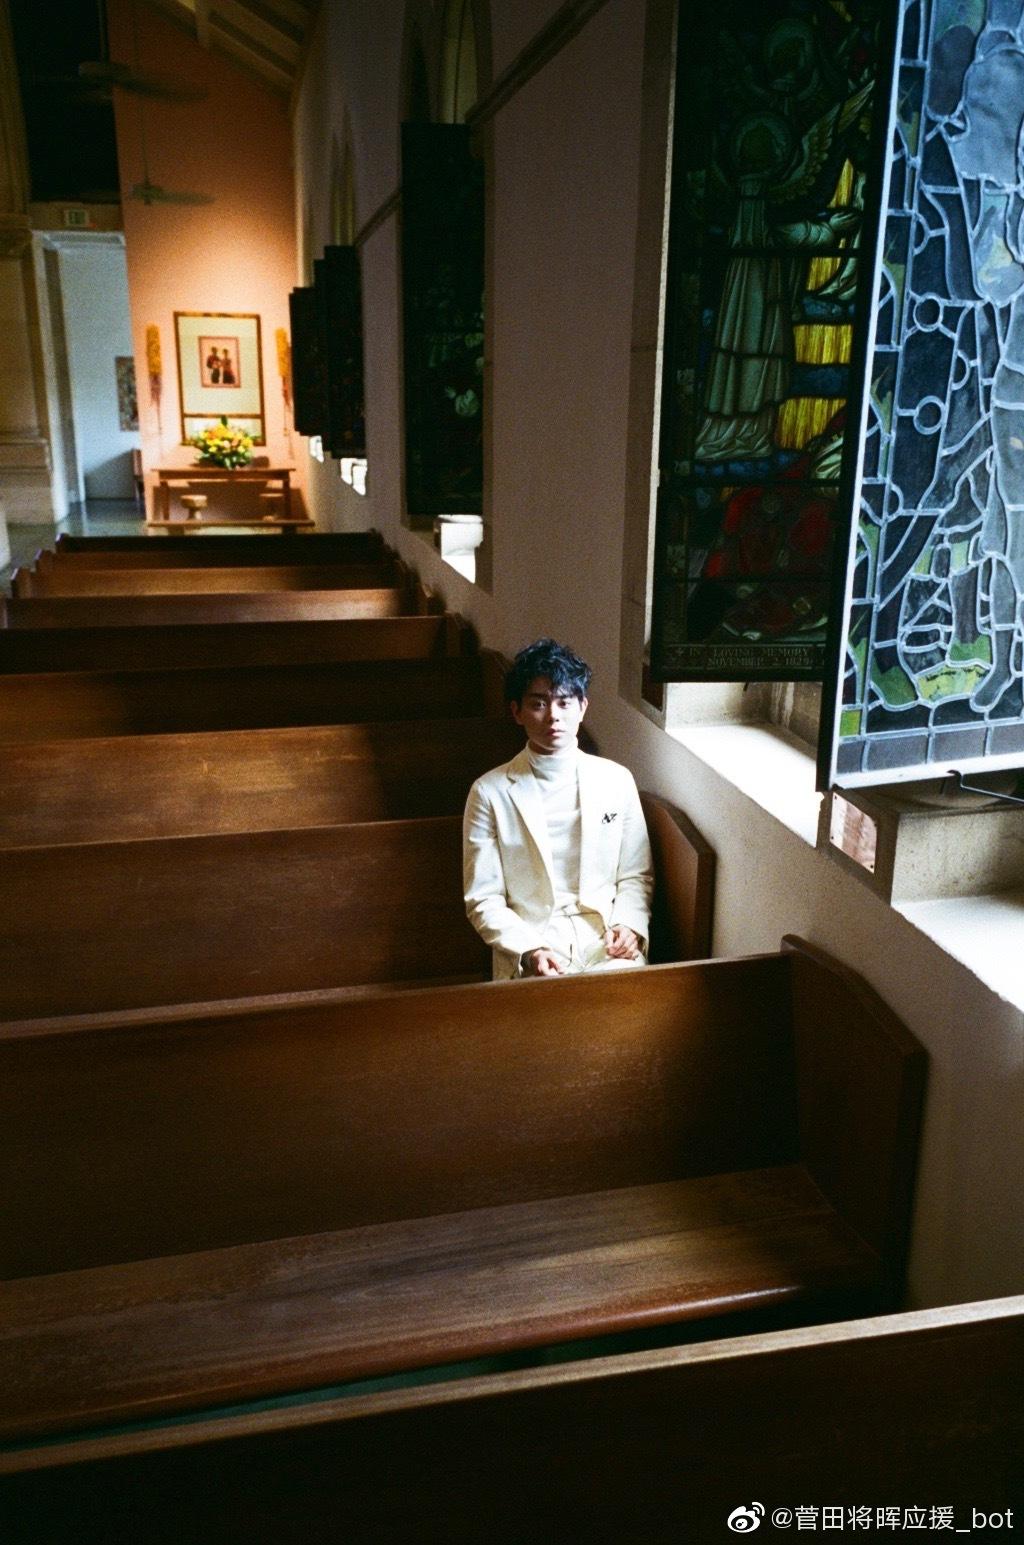 太贺在夏威夷圣安德烈大教堂为菅田将晖拍摄的照片。